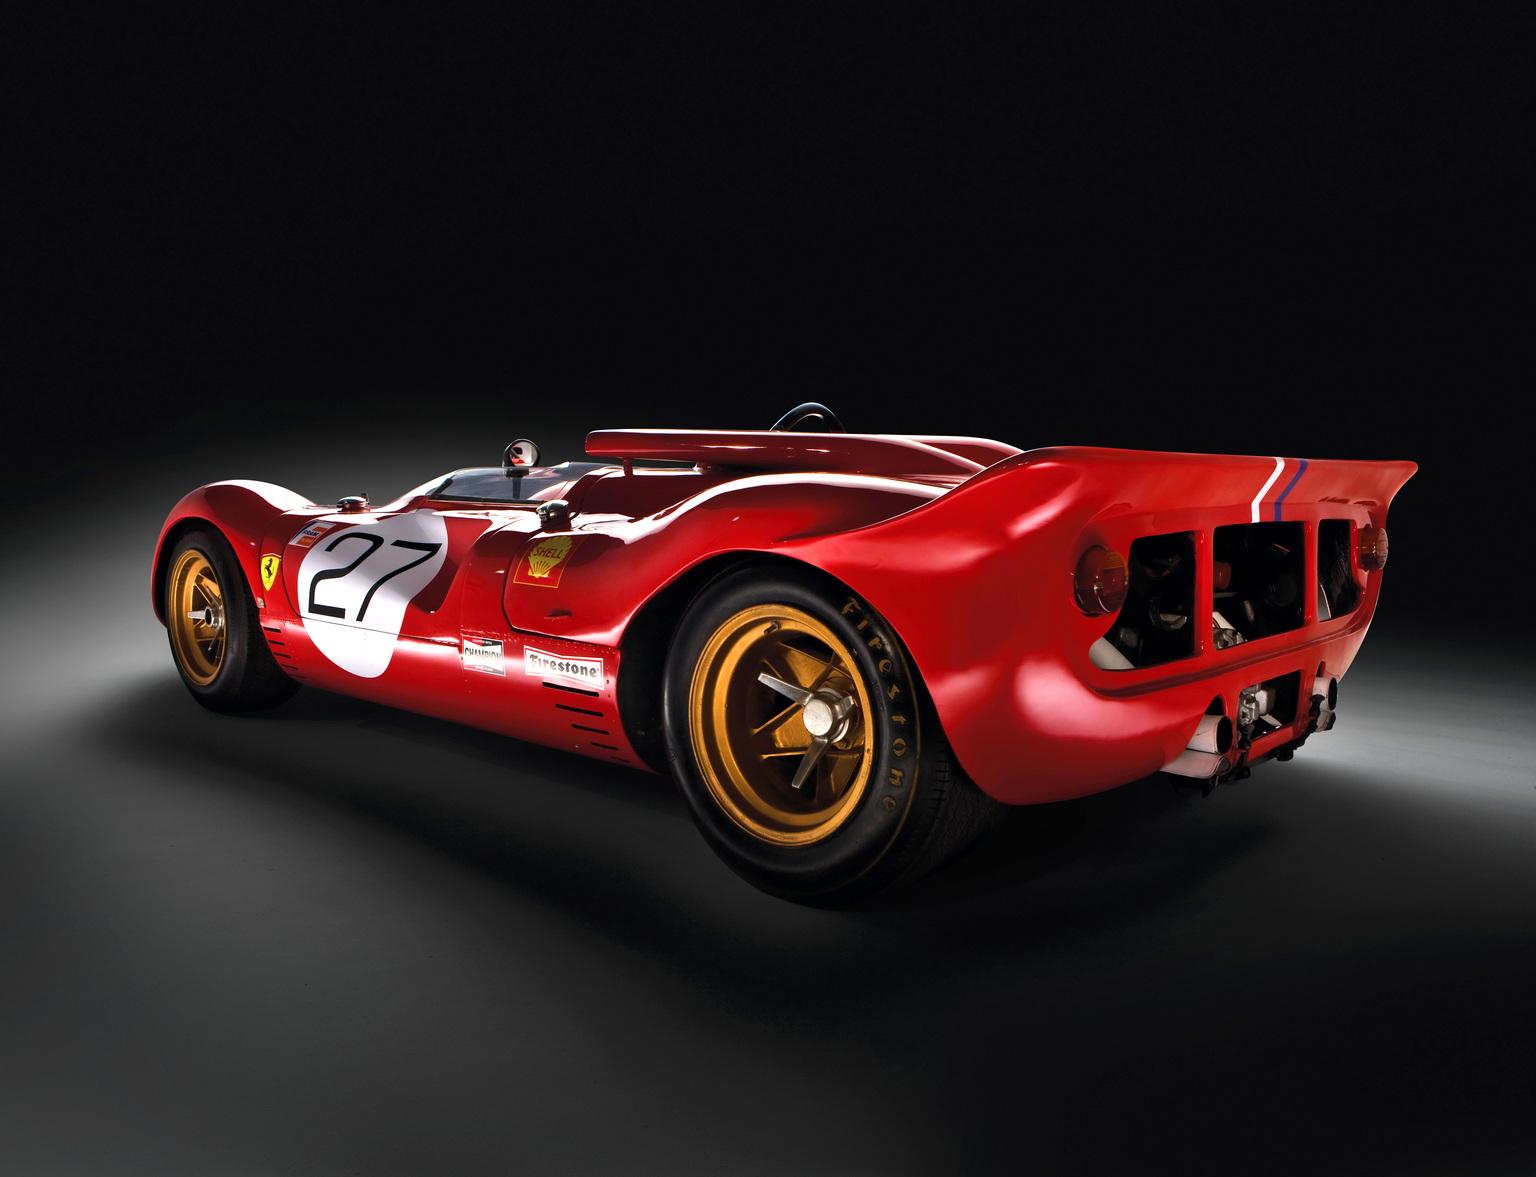 1967 Ferrari 350 Can Am Ferrari